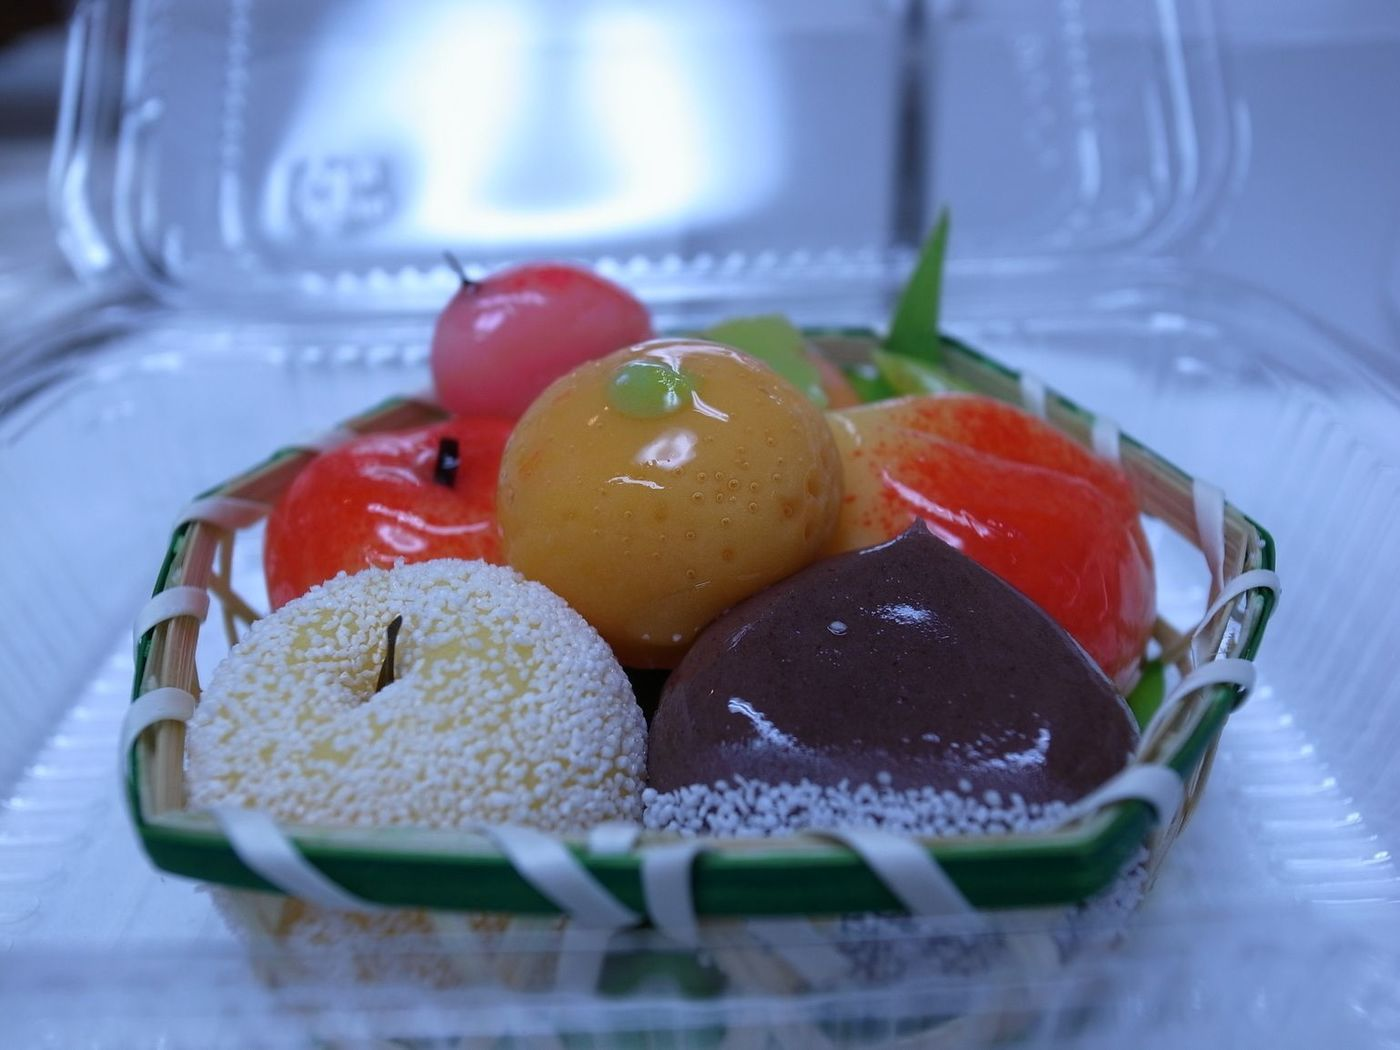 有楽町周辺で食べられる♡【和菓子】で日本の伝統を感じよう♪の画像